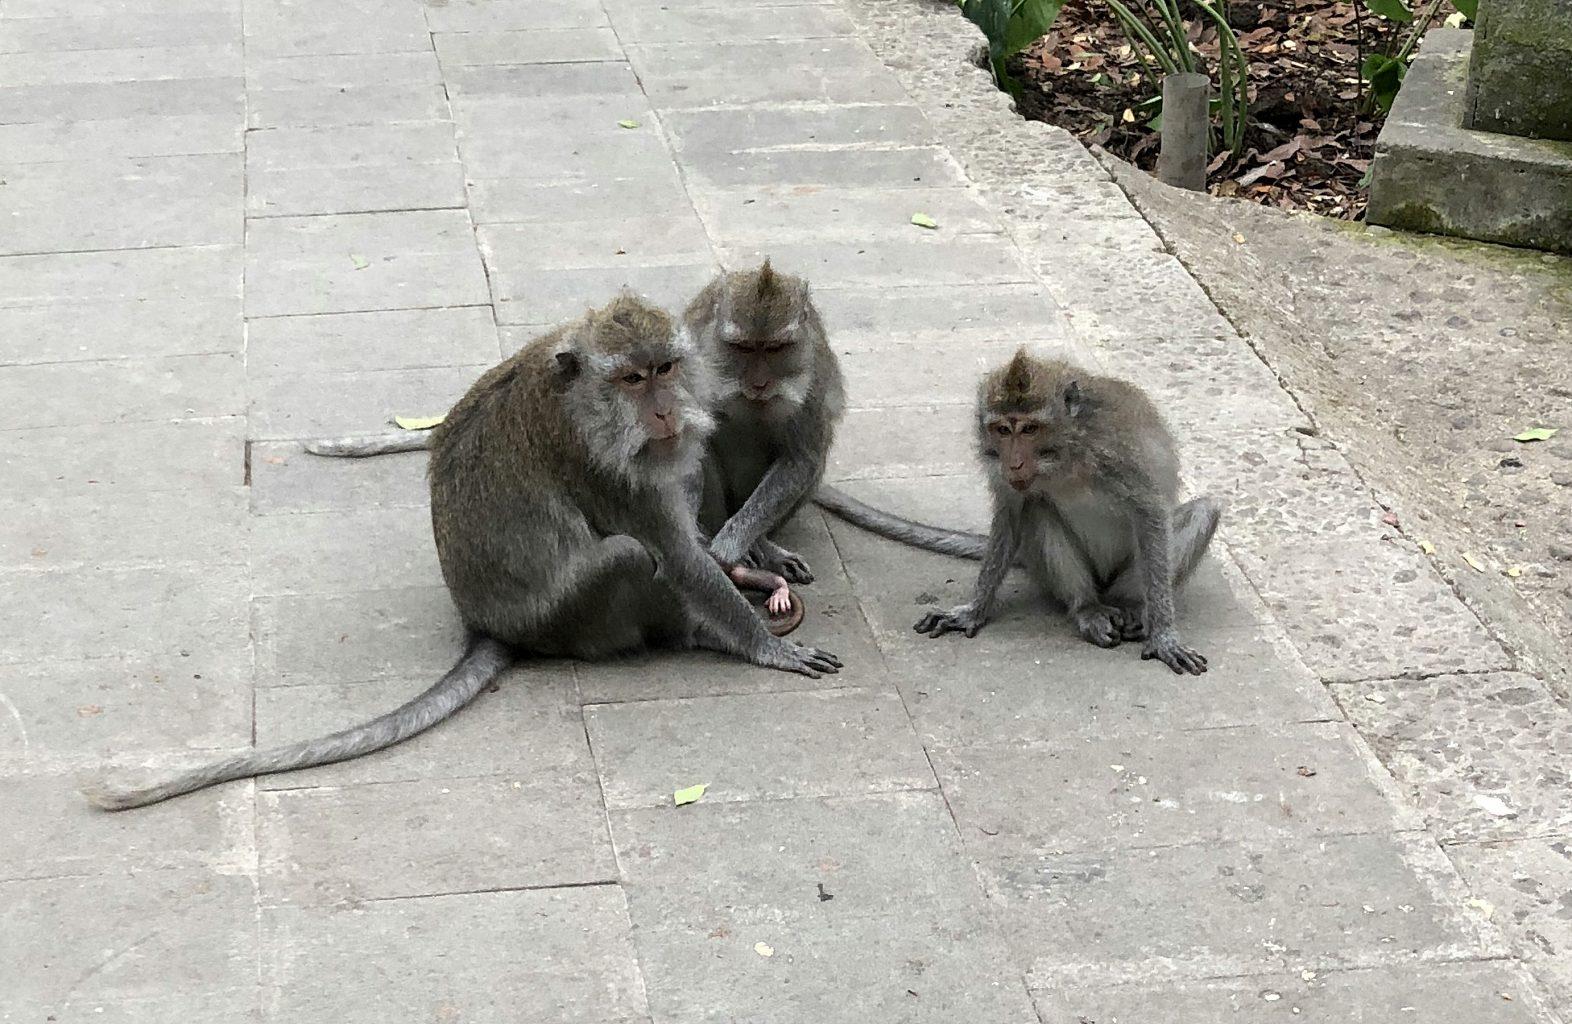 Monos en reunión. Ubud Monkey Forest